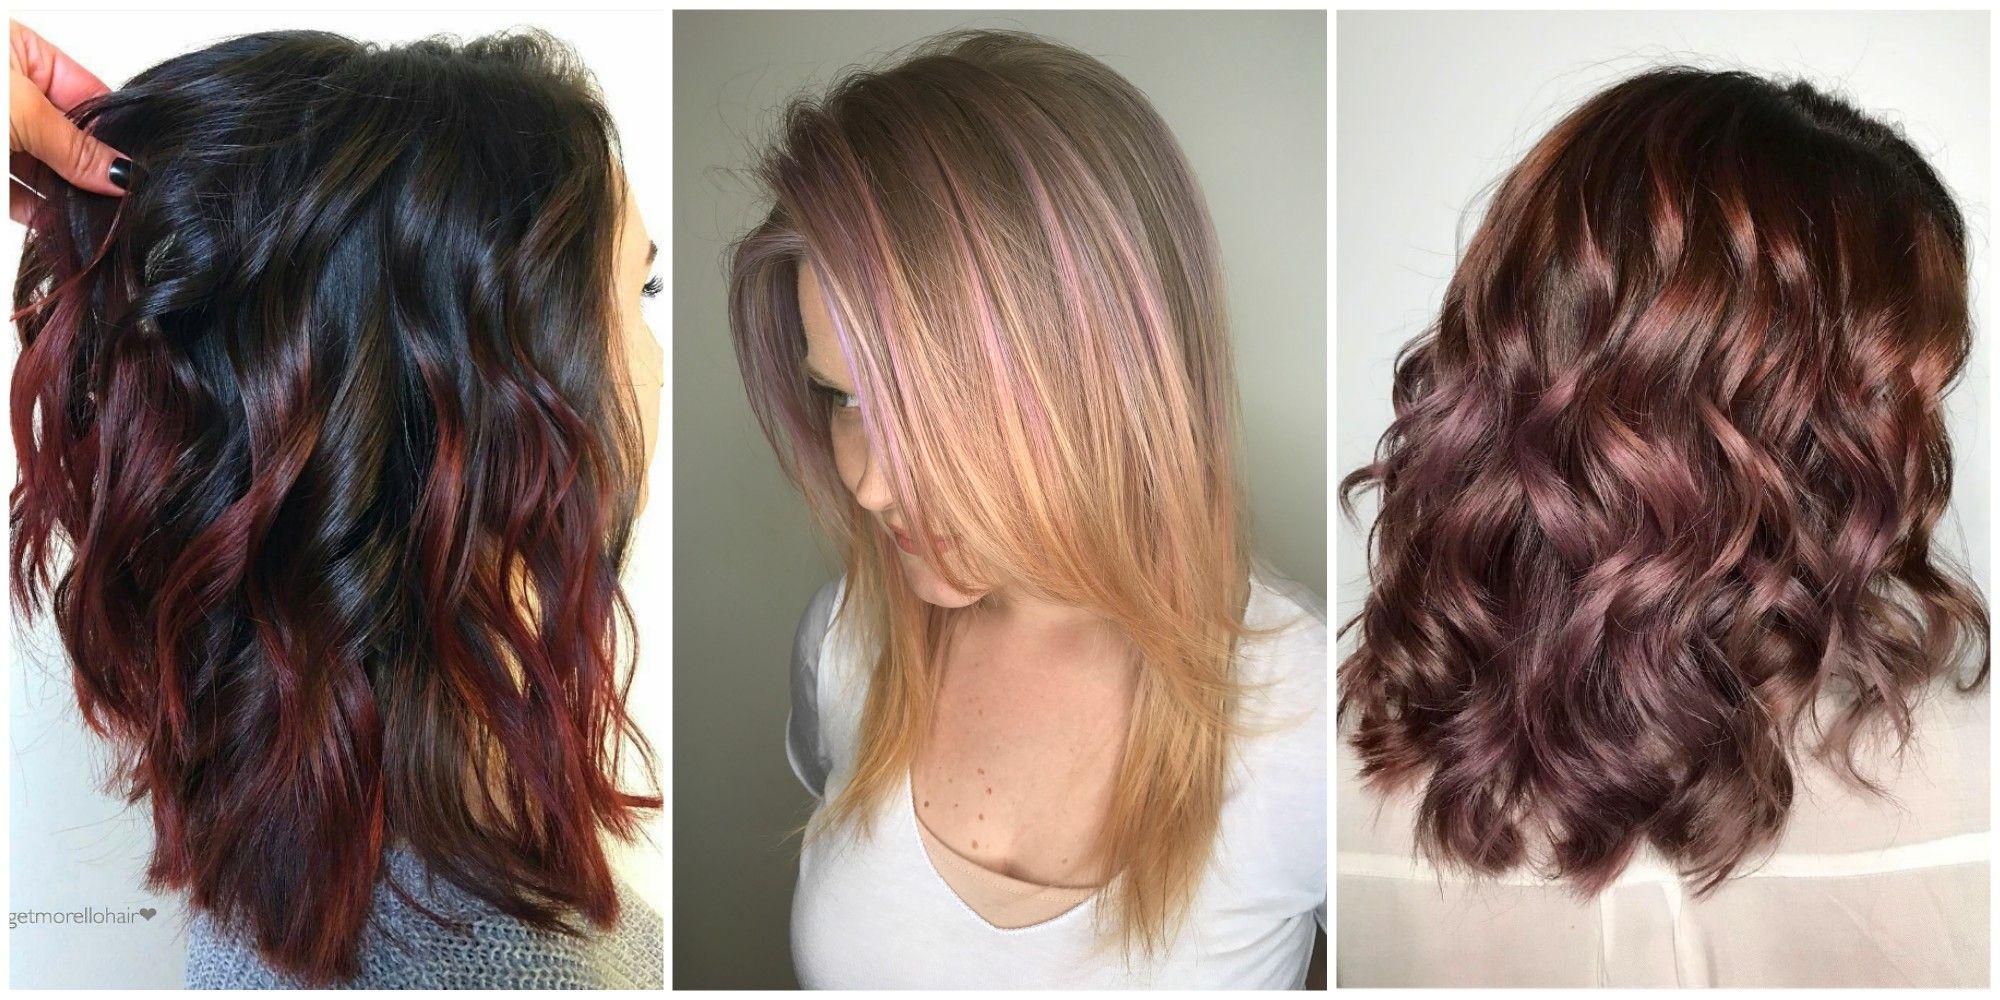 15 subtle hair color